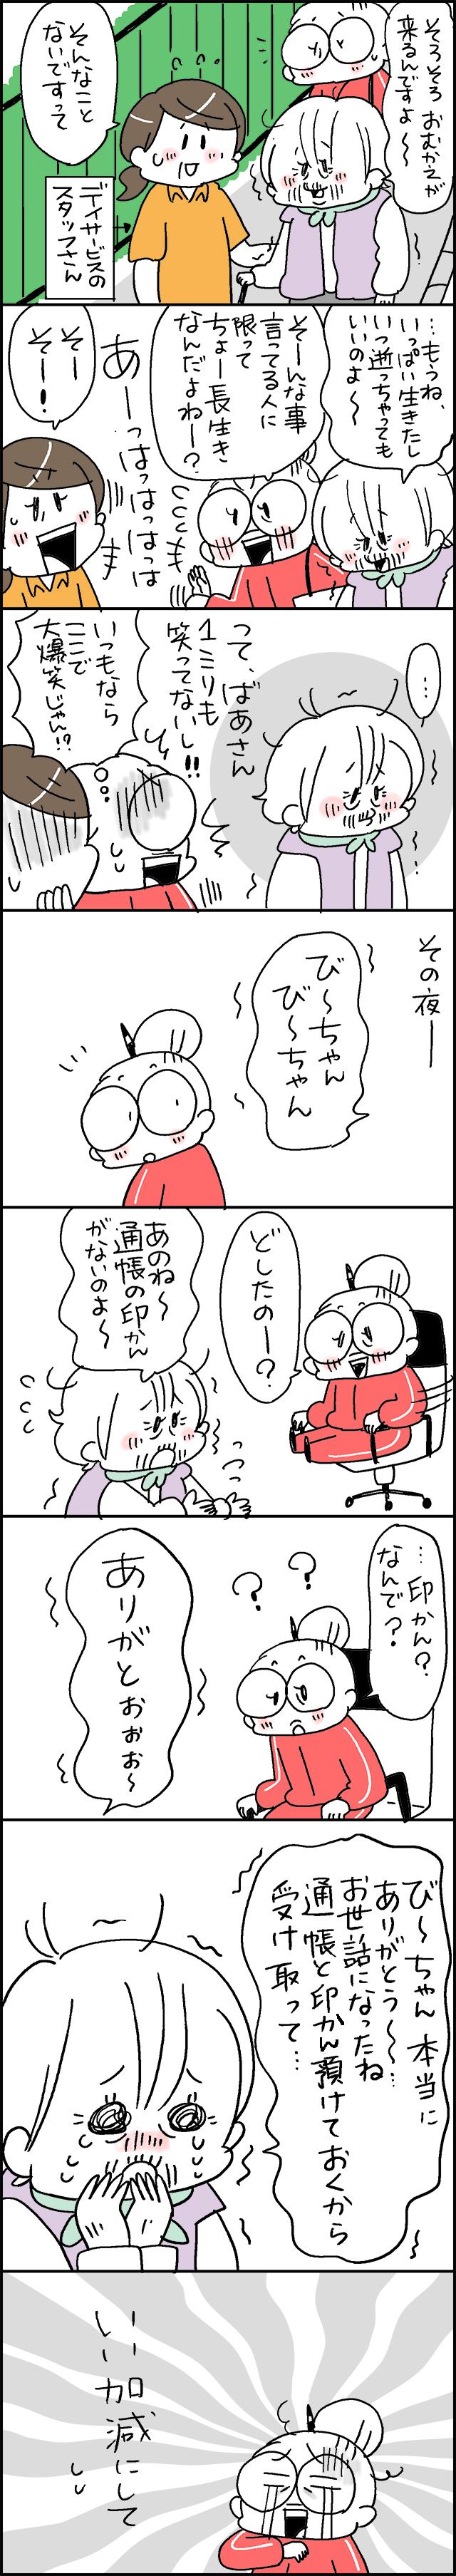 ばあさんひ孫に会う7.jpg